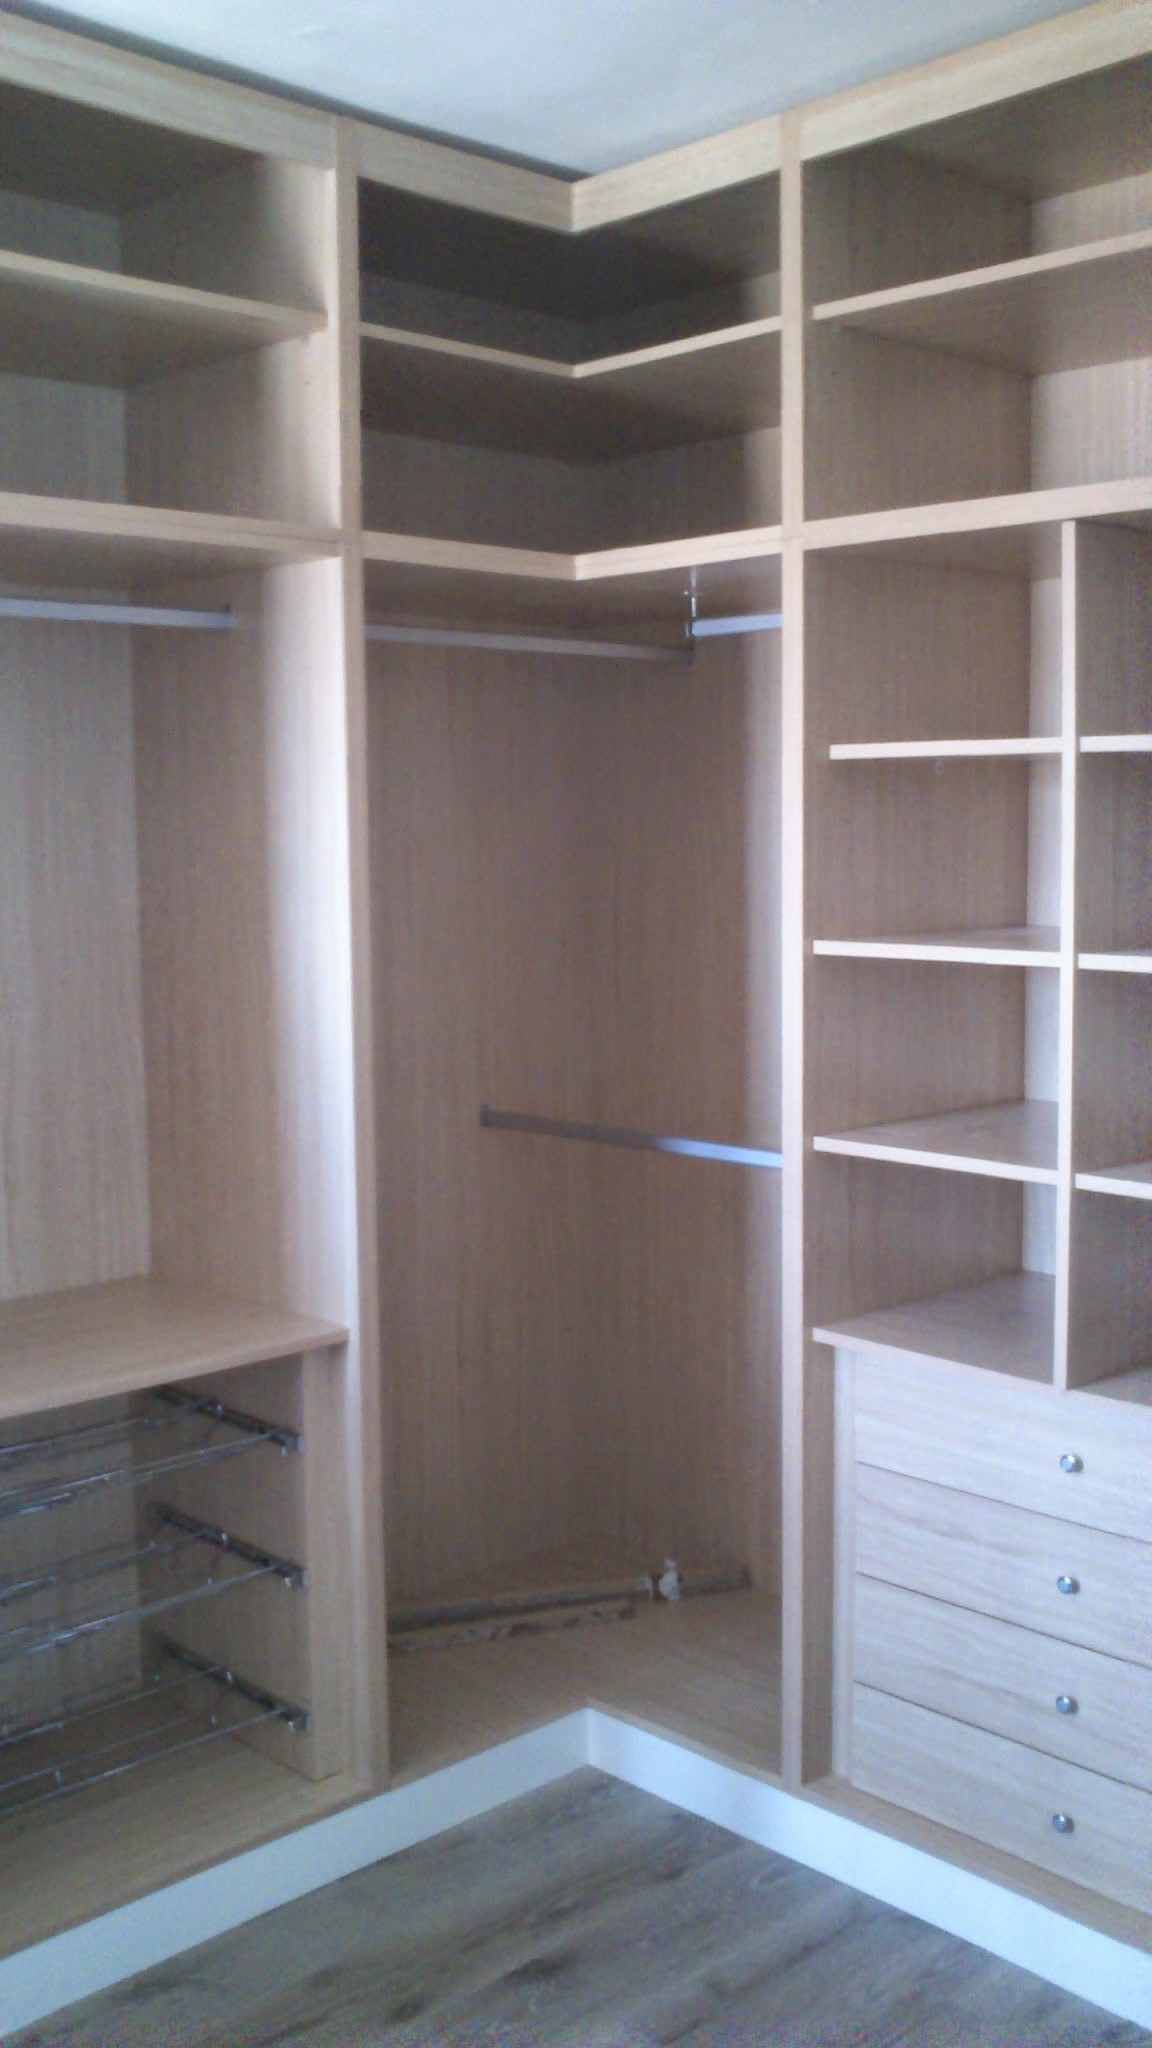 Armarios empotrados de esquina armario puertas la esquina vestidor esquina a medida blanco - Armarios de esquina a medida ...